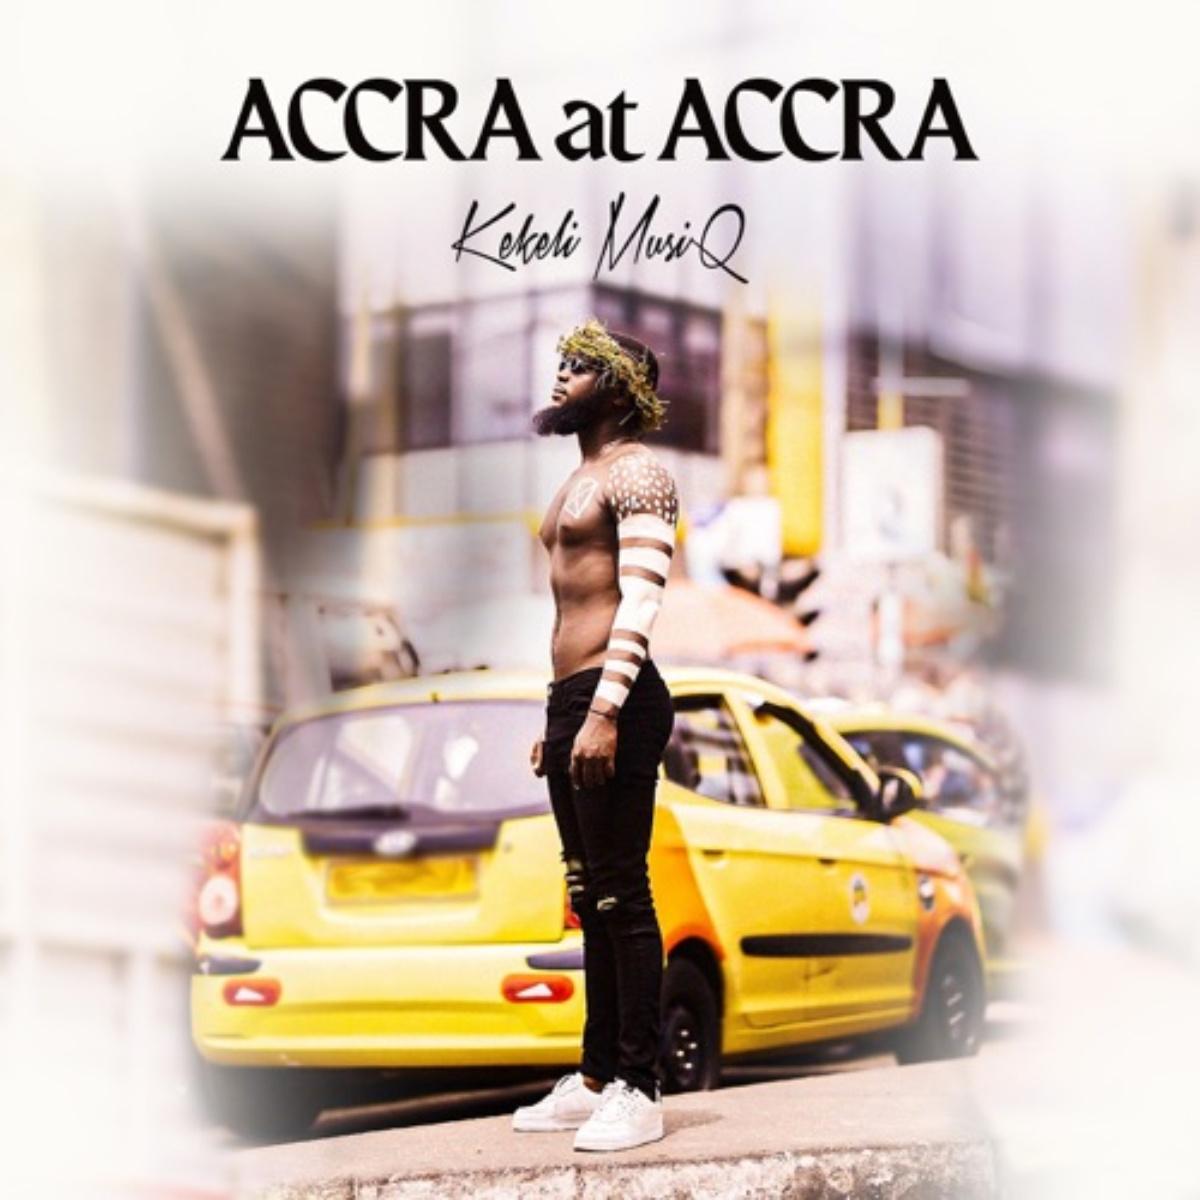 Accra at Accra by Kekeli Musiq